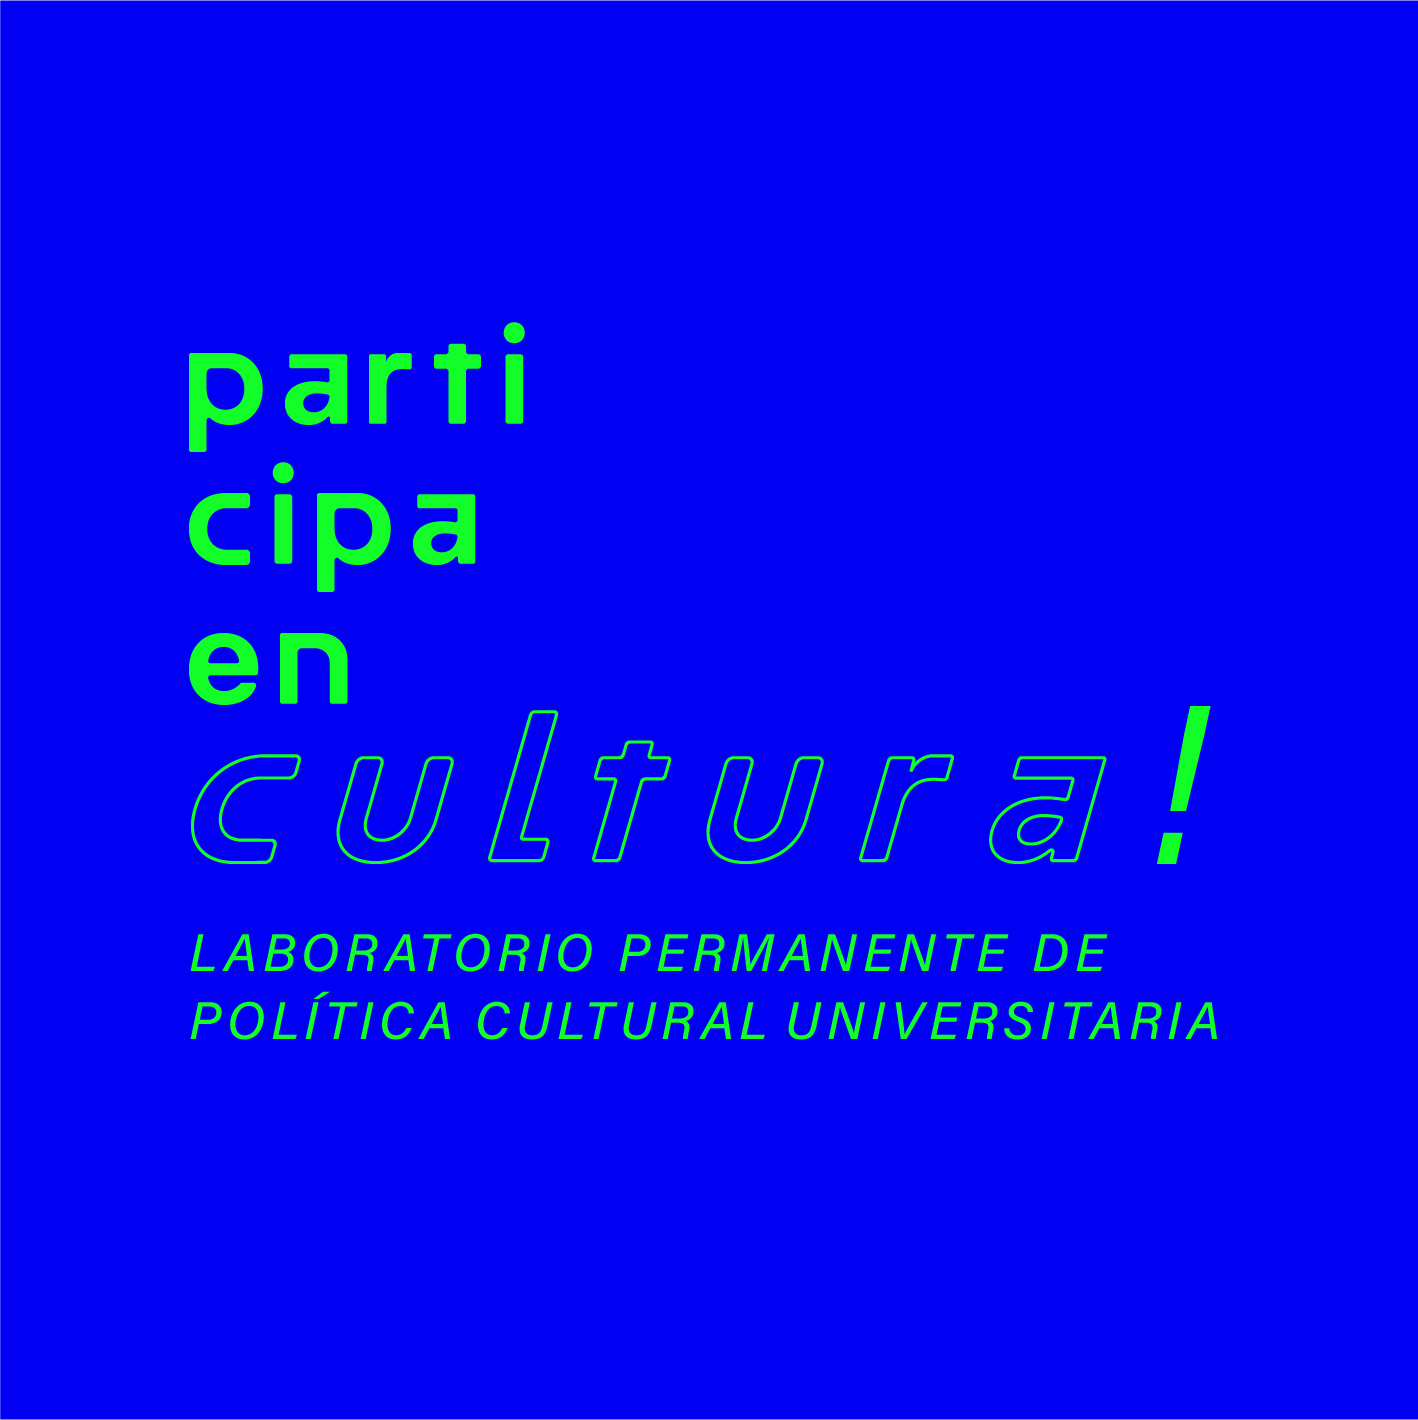 Laboratorio Permanente sobre Política Cultural Universitaria